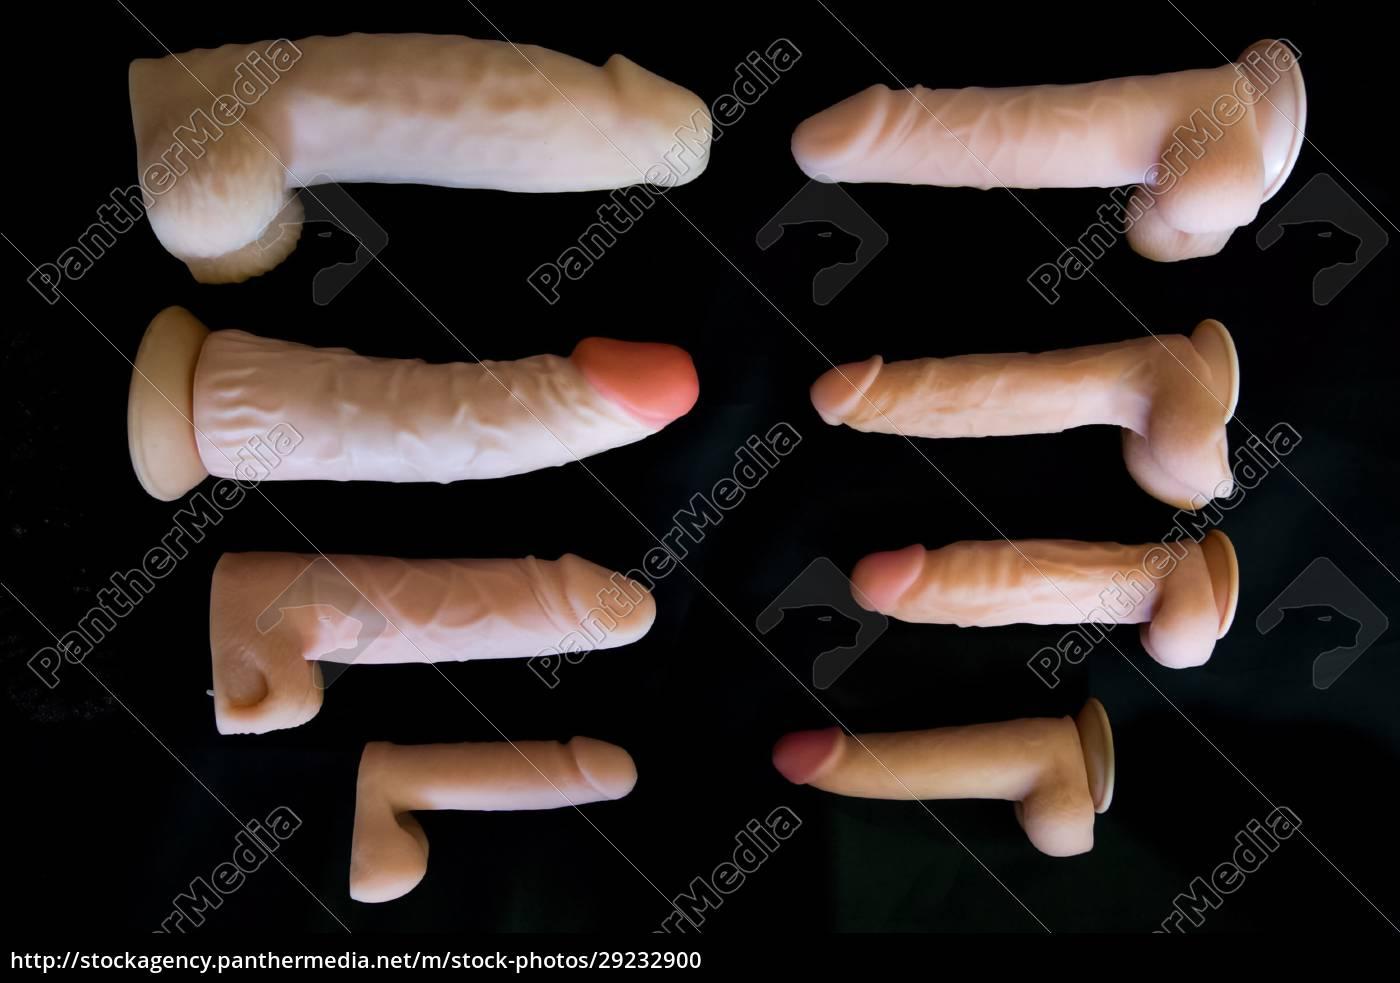 rubber, male, genitalia, on, a, black - 29232900